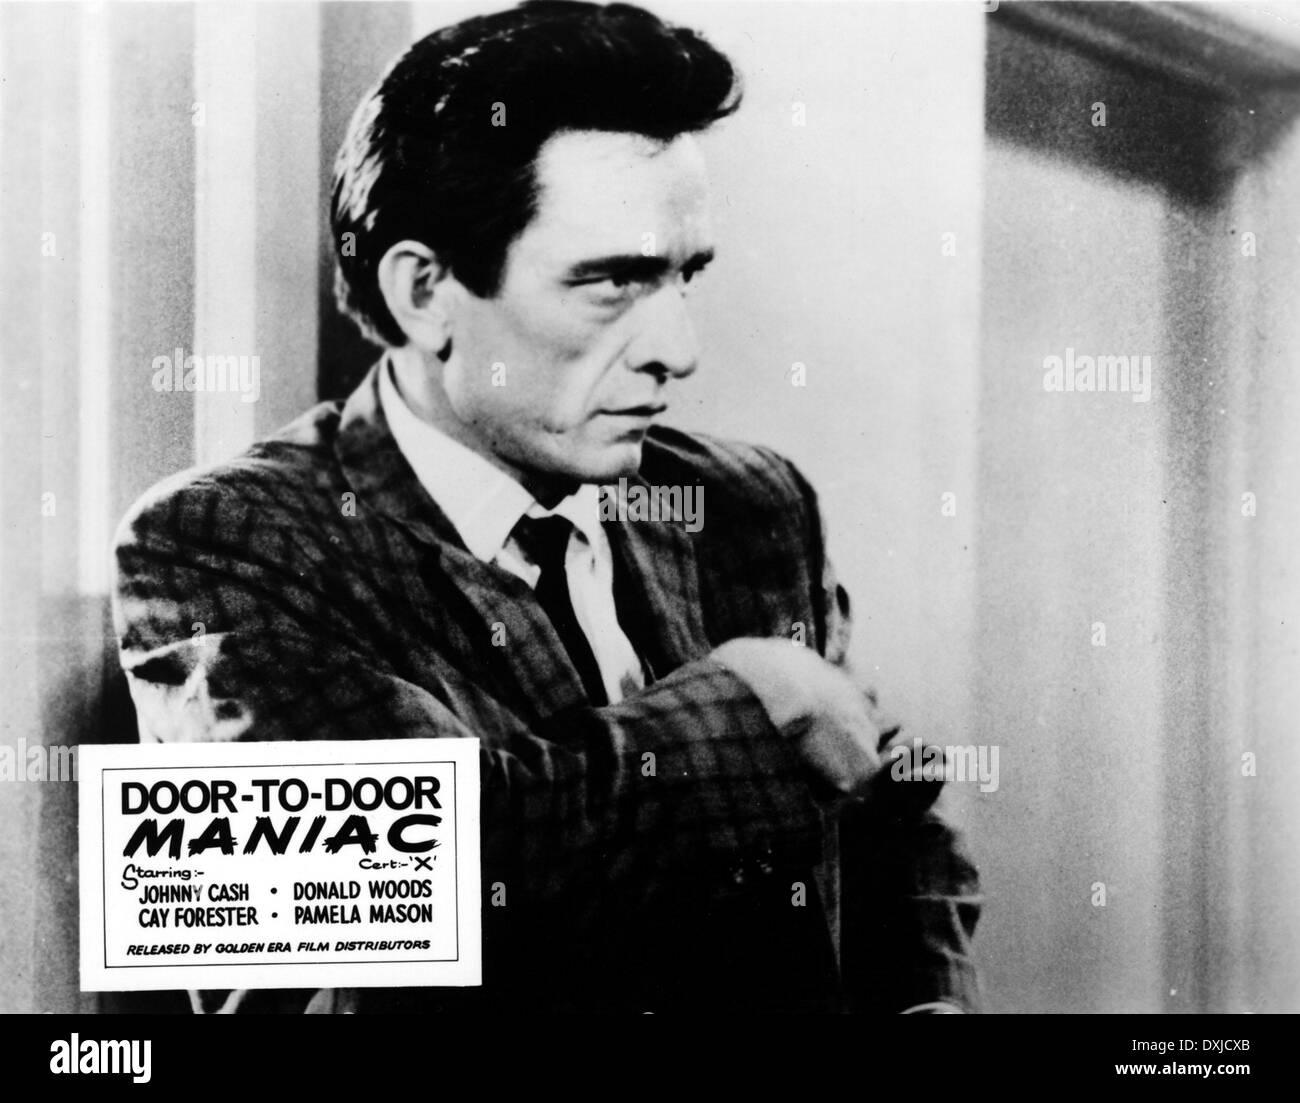 DOOR-TO-DOOR MANIAC Stock Photo